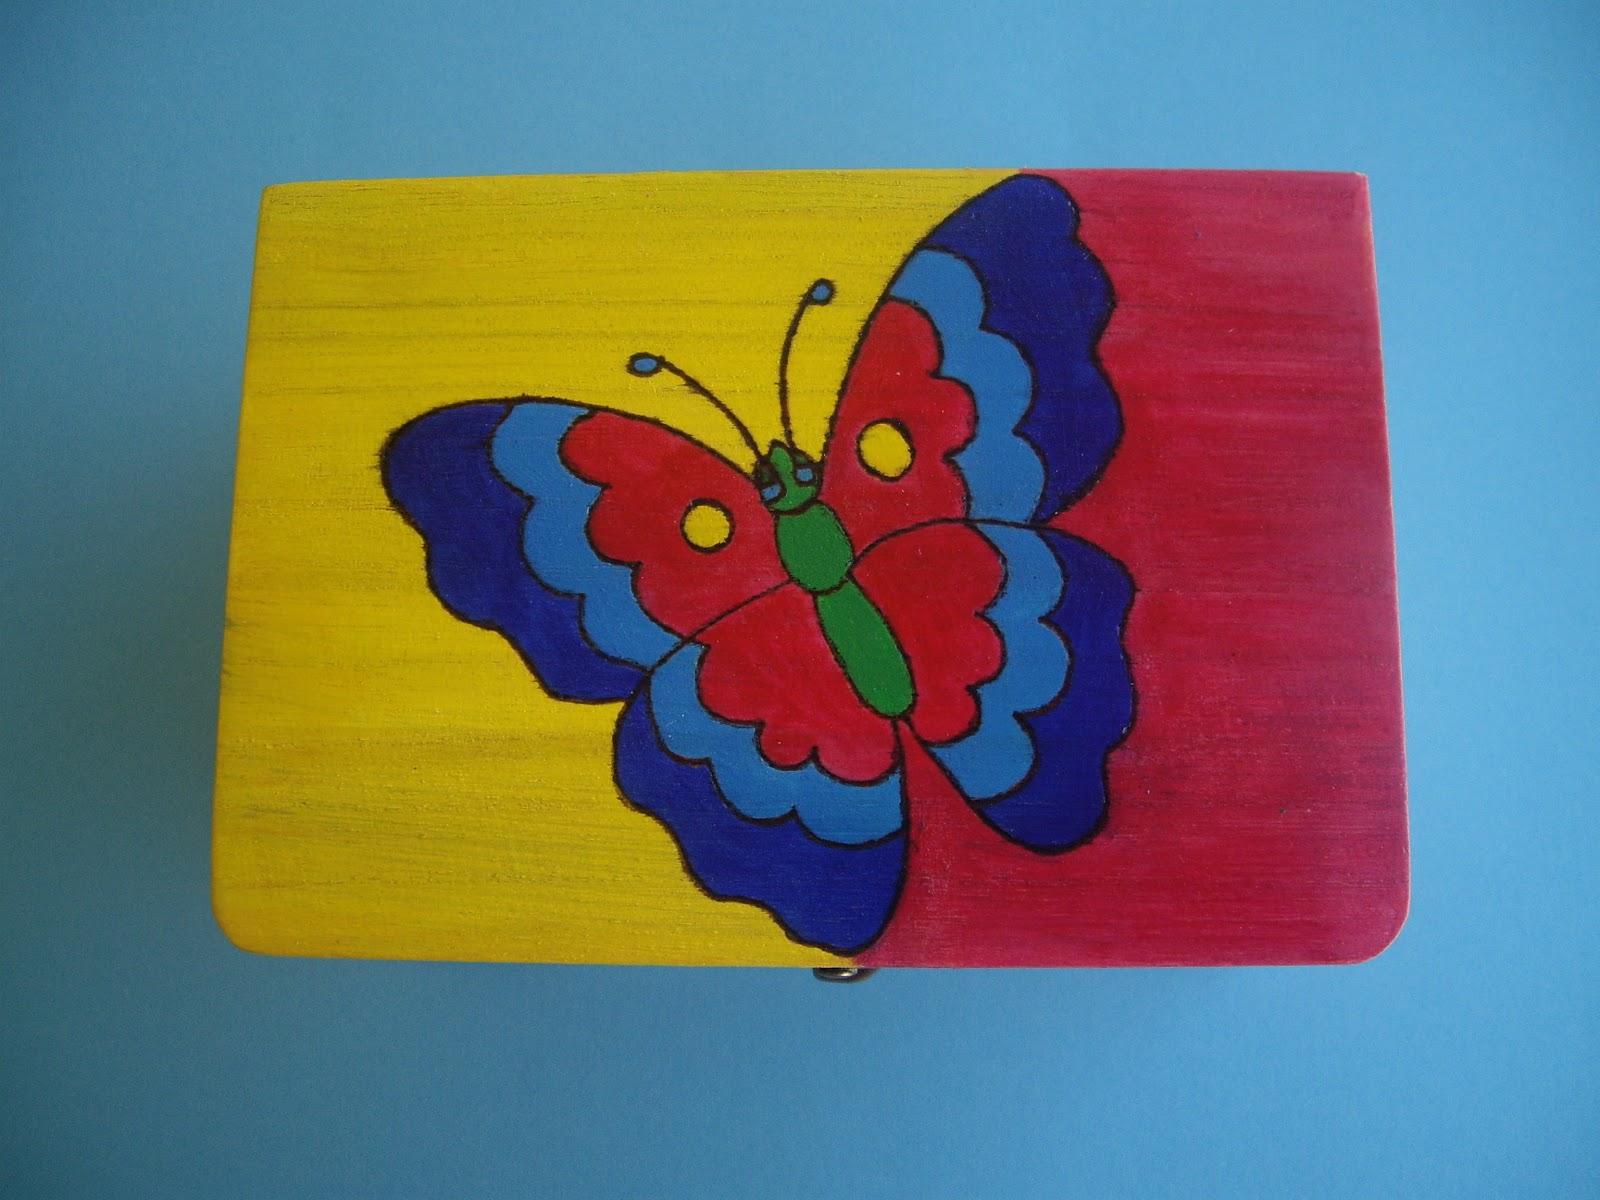 Decol o artesan a cajas infantiles decoradas - Cajas infantiles decoradas ...